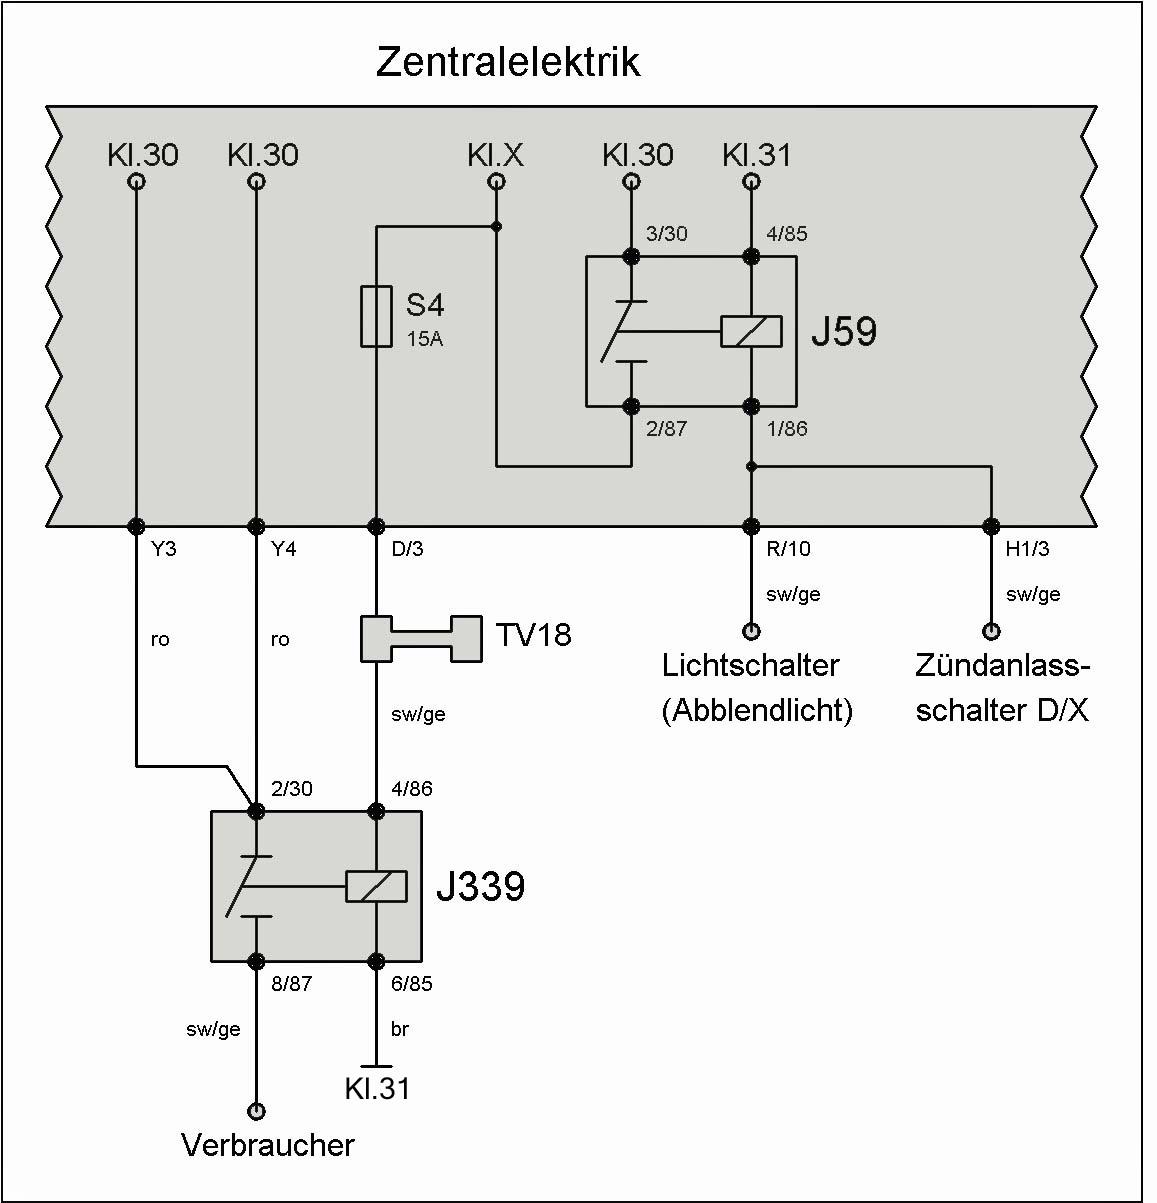 Wunderbar Stromrelais Schaltplan Fotos - Elektrische Schaltplan ...